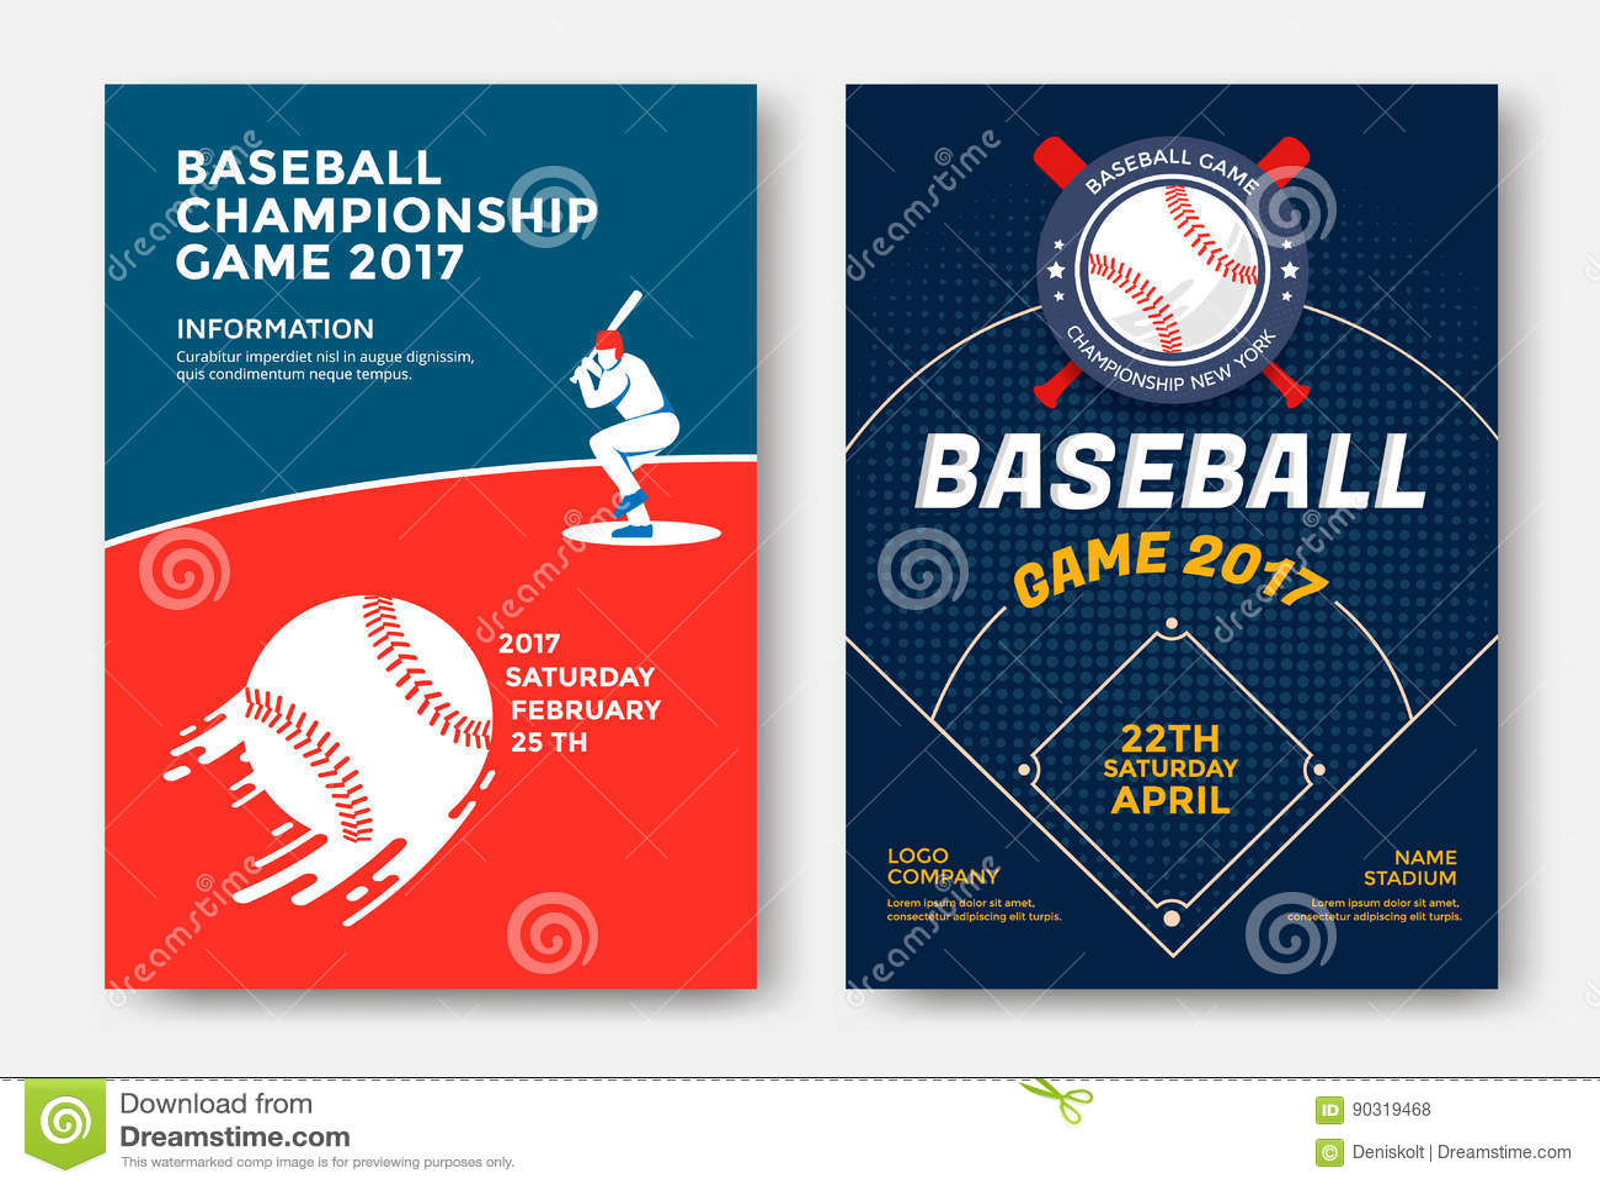 baseball game poster stock vector illustration of logo 90319468